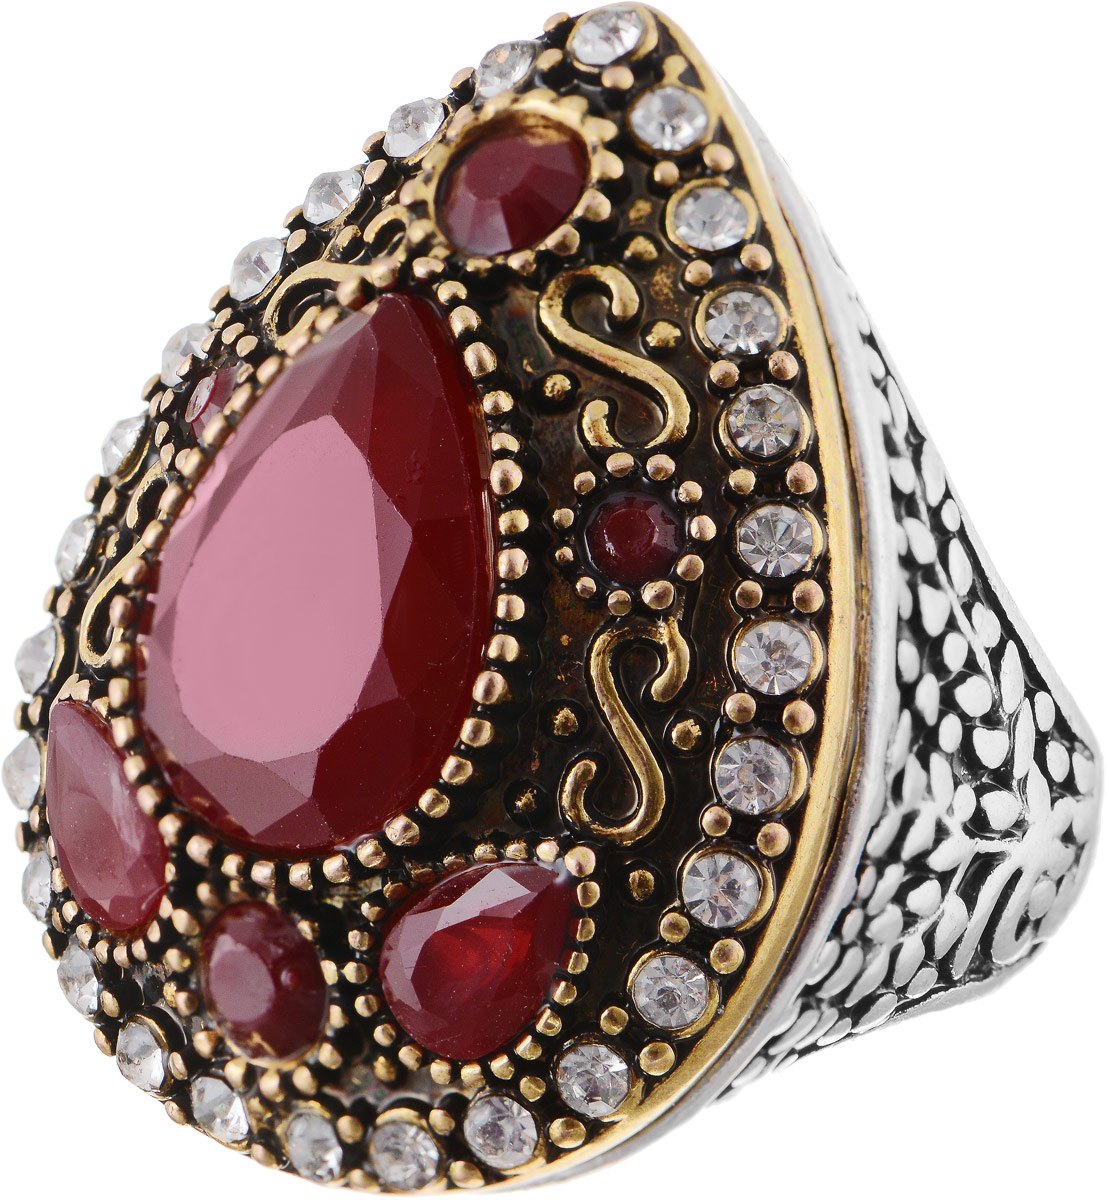 Кольцо Bradex Кармен, цвет: золотой, серебряный, бордовый. AS 0015. Размер 19Коктейльное кольцоКольцо Bradex Кармен выполнено из металлического сплава. Декоративный элемент выполнен в форме капли, оформленной вставками изискусственных камней и страз.